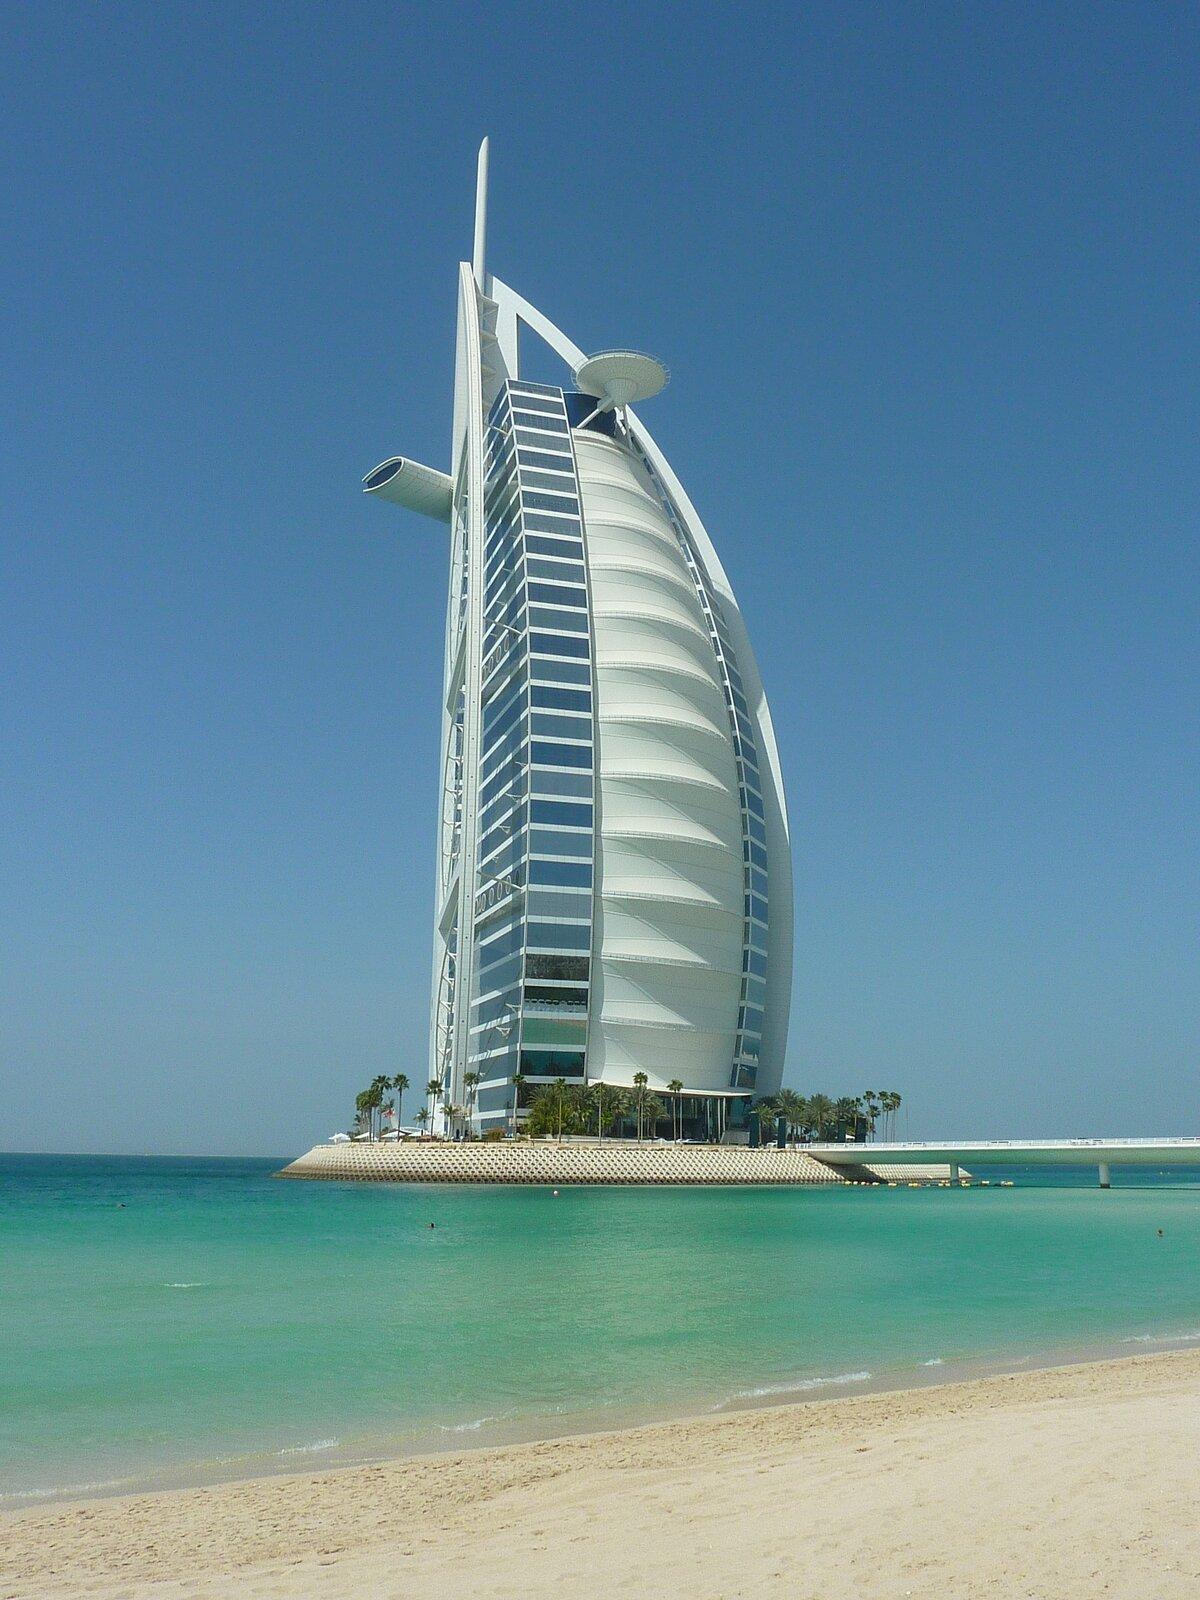 Zdjęcie przedstawia Burdż al-Arab, superluksusowy hotel wDubaju owysokości 321 metrów, przypominający kształtem wielki żagiel. Budynek jest biały, za wyjątkiem wpełni oszklonych narożników istoi na sztucznej wyspie połączonej ze stałym lądem mostem, obecnym na zdjęciu po prawej stronie.